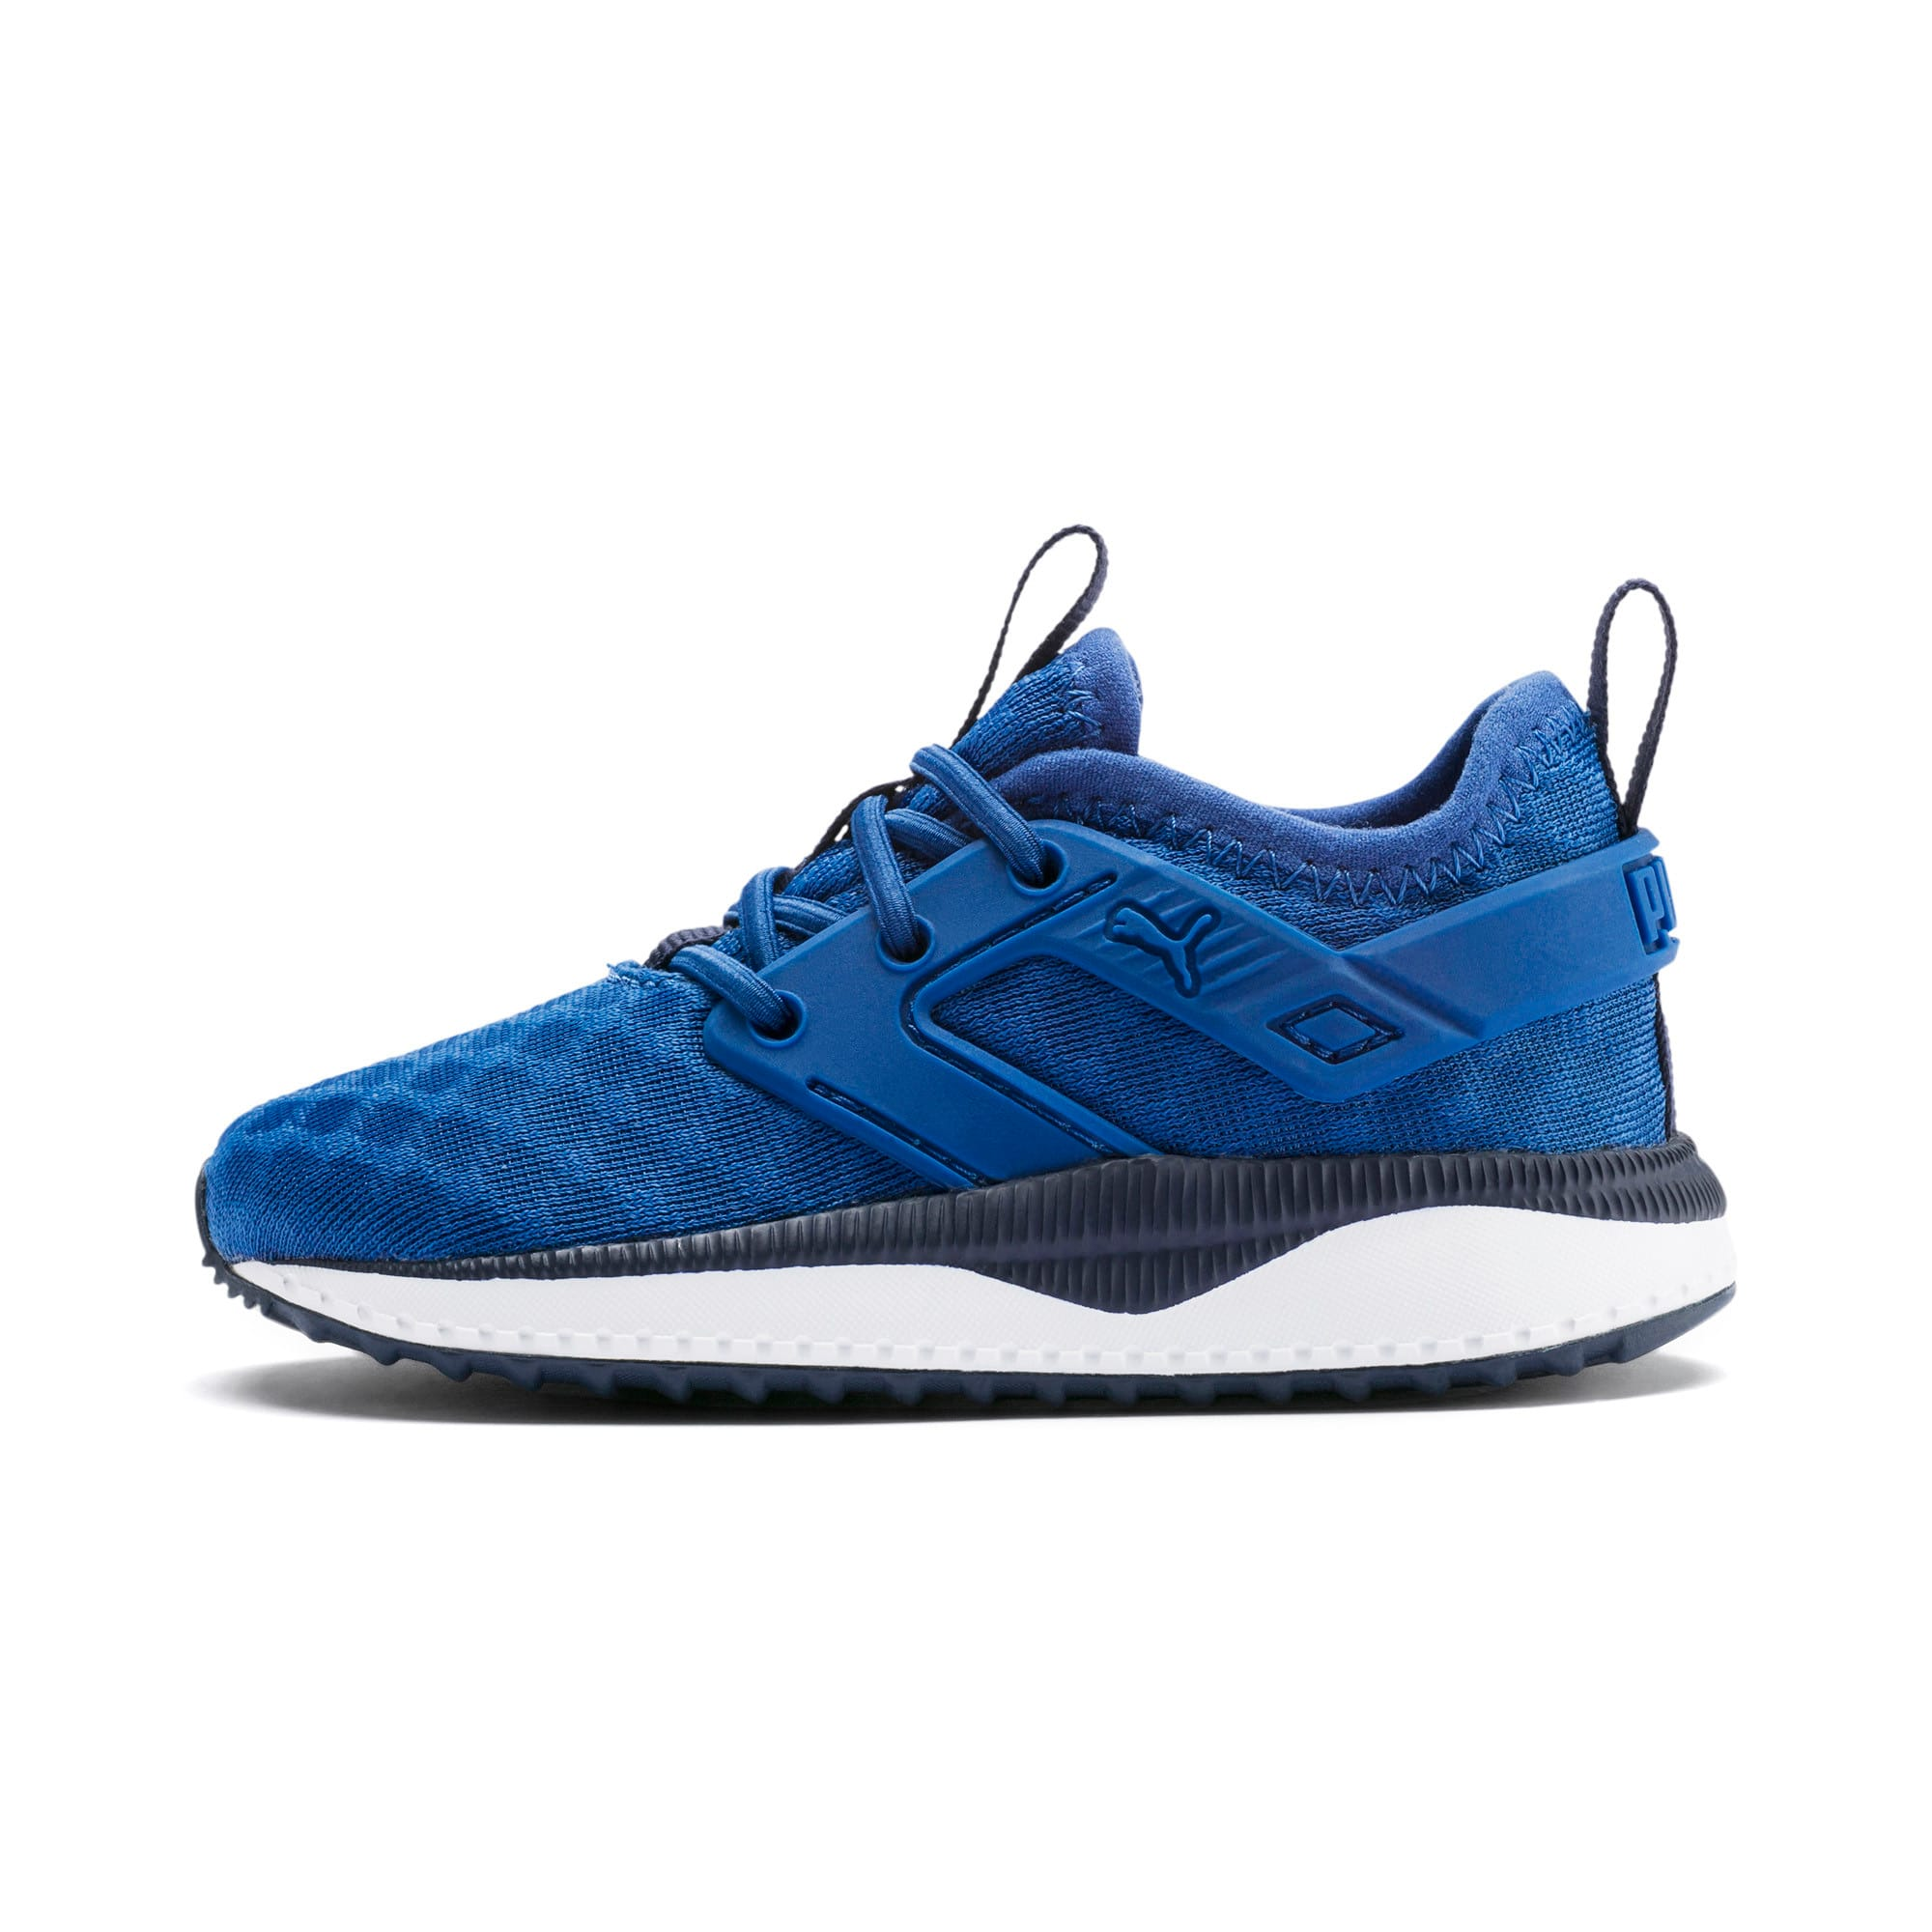 Miniatura 1 de Zapatos Pacer NextExcel para bebé, Galaxy Blue-Peacoat, mediano